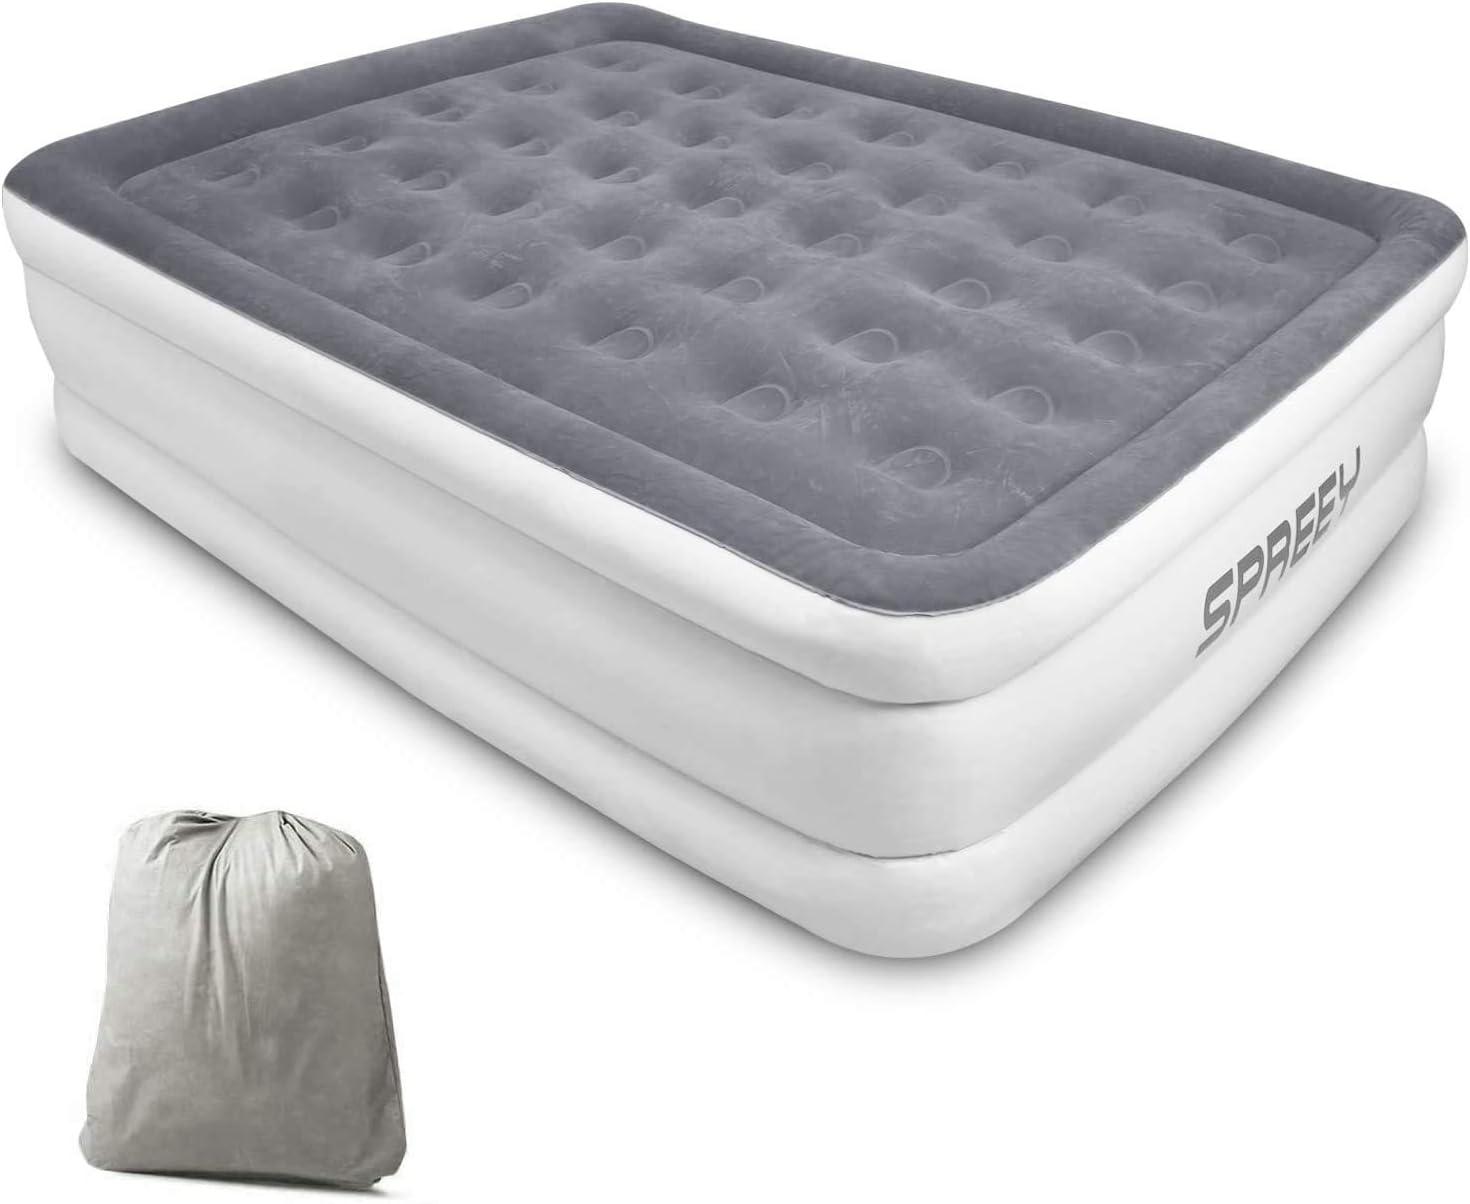 Spey - Colchón hinchable para 2 personas, cama hinchable de 2 plazas, bomba eléctrica integrada, capa de flocado suave y cómoda con bolsa de almacenamiento